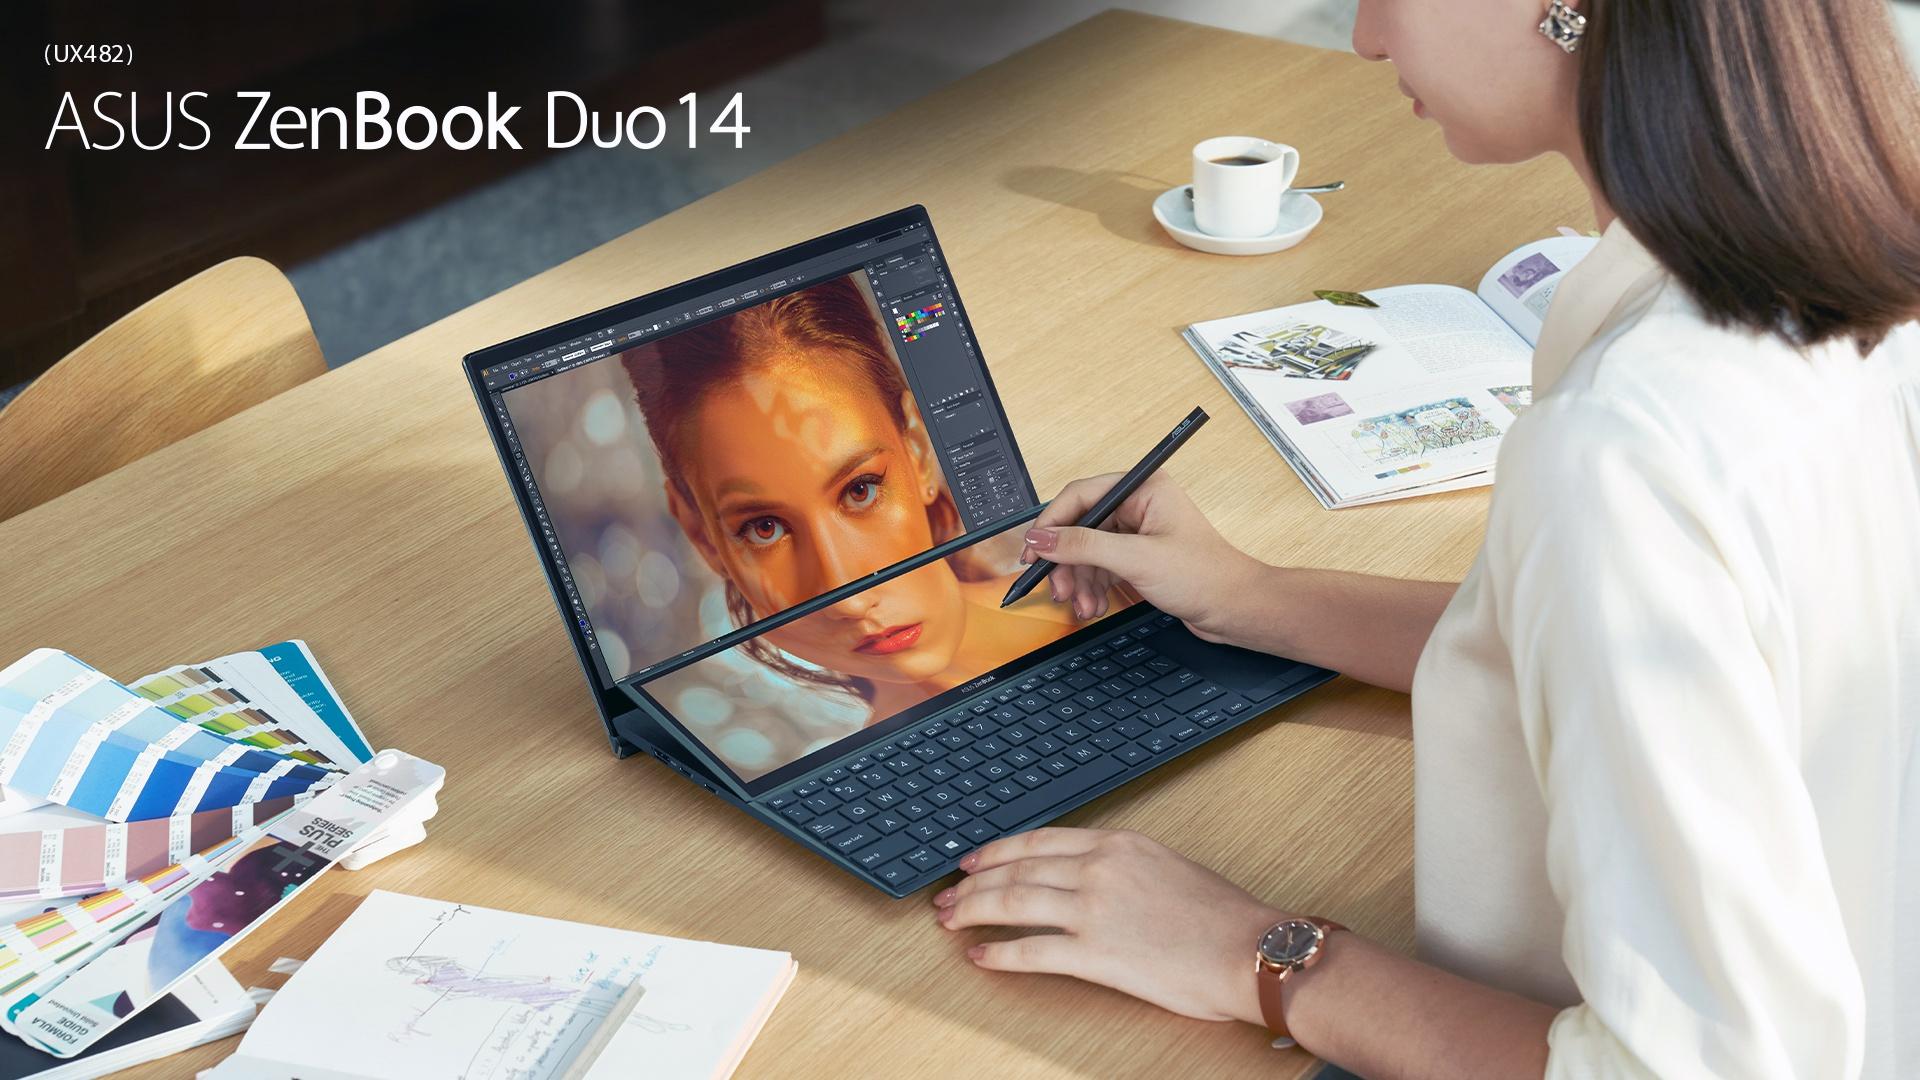 Asus ra mắt ZenBook Duo 14 2 màn hình cho game thủ và nhà sáng tạo nội dung